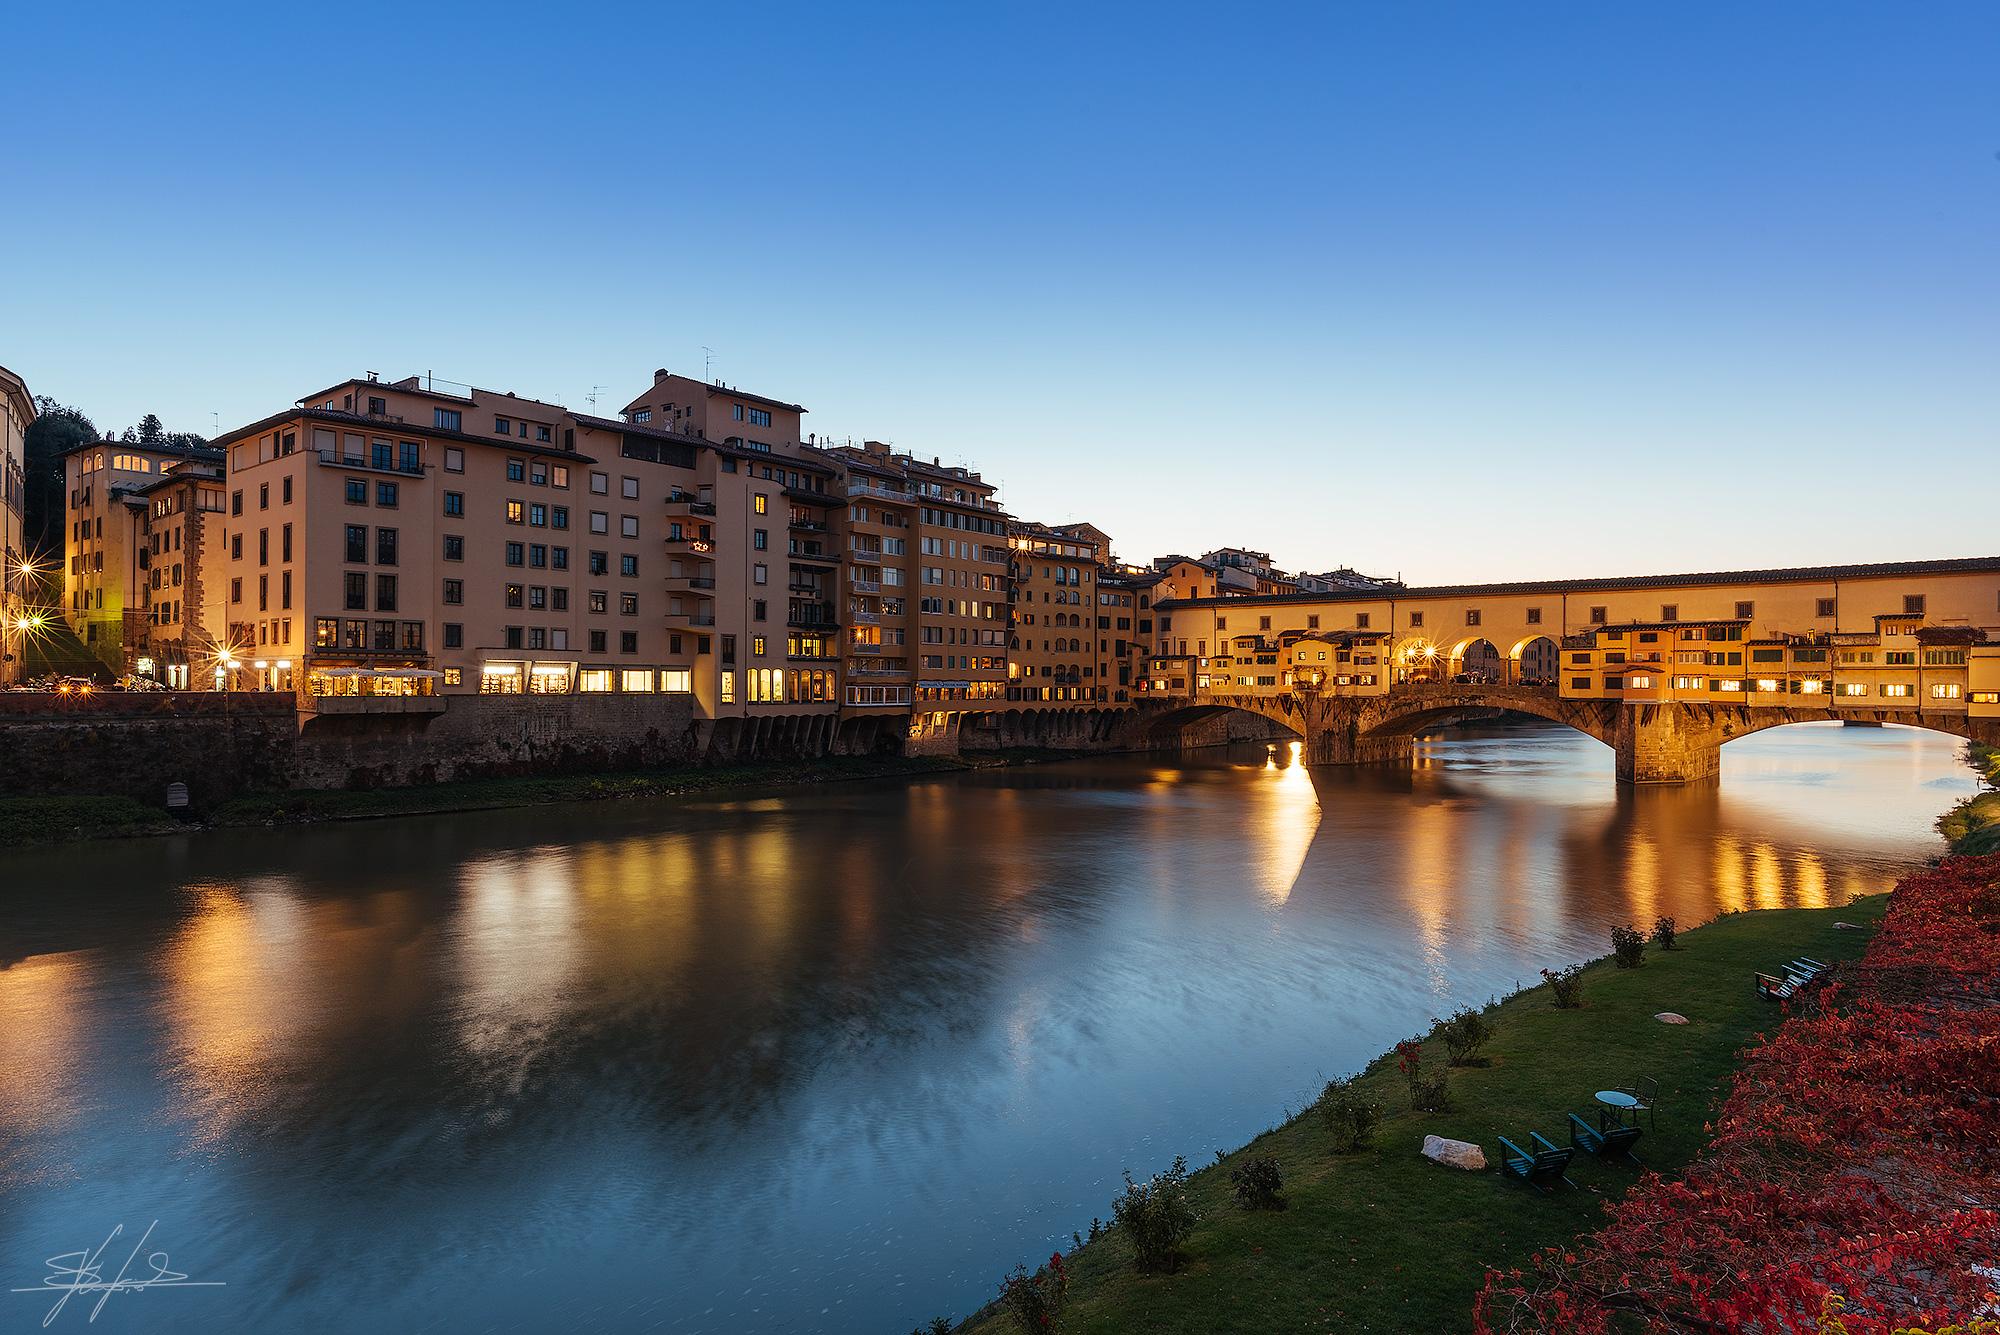 Ponte vecchio al tramonto